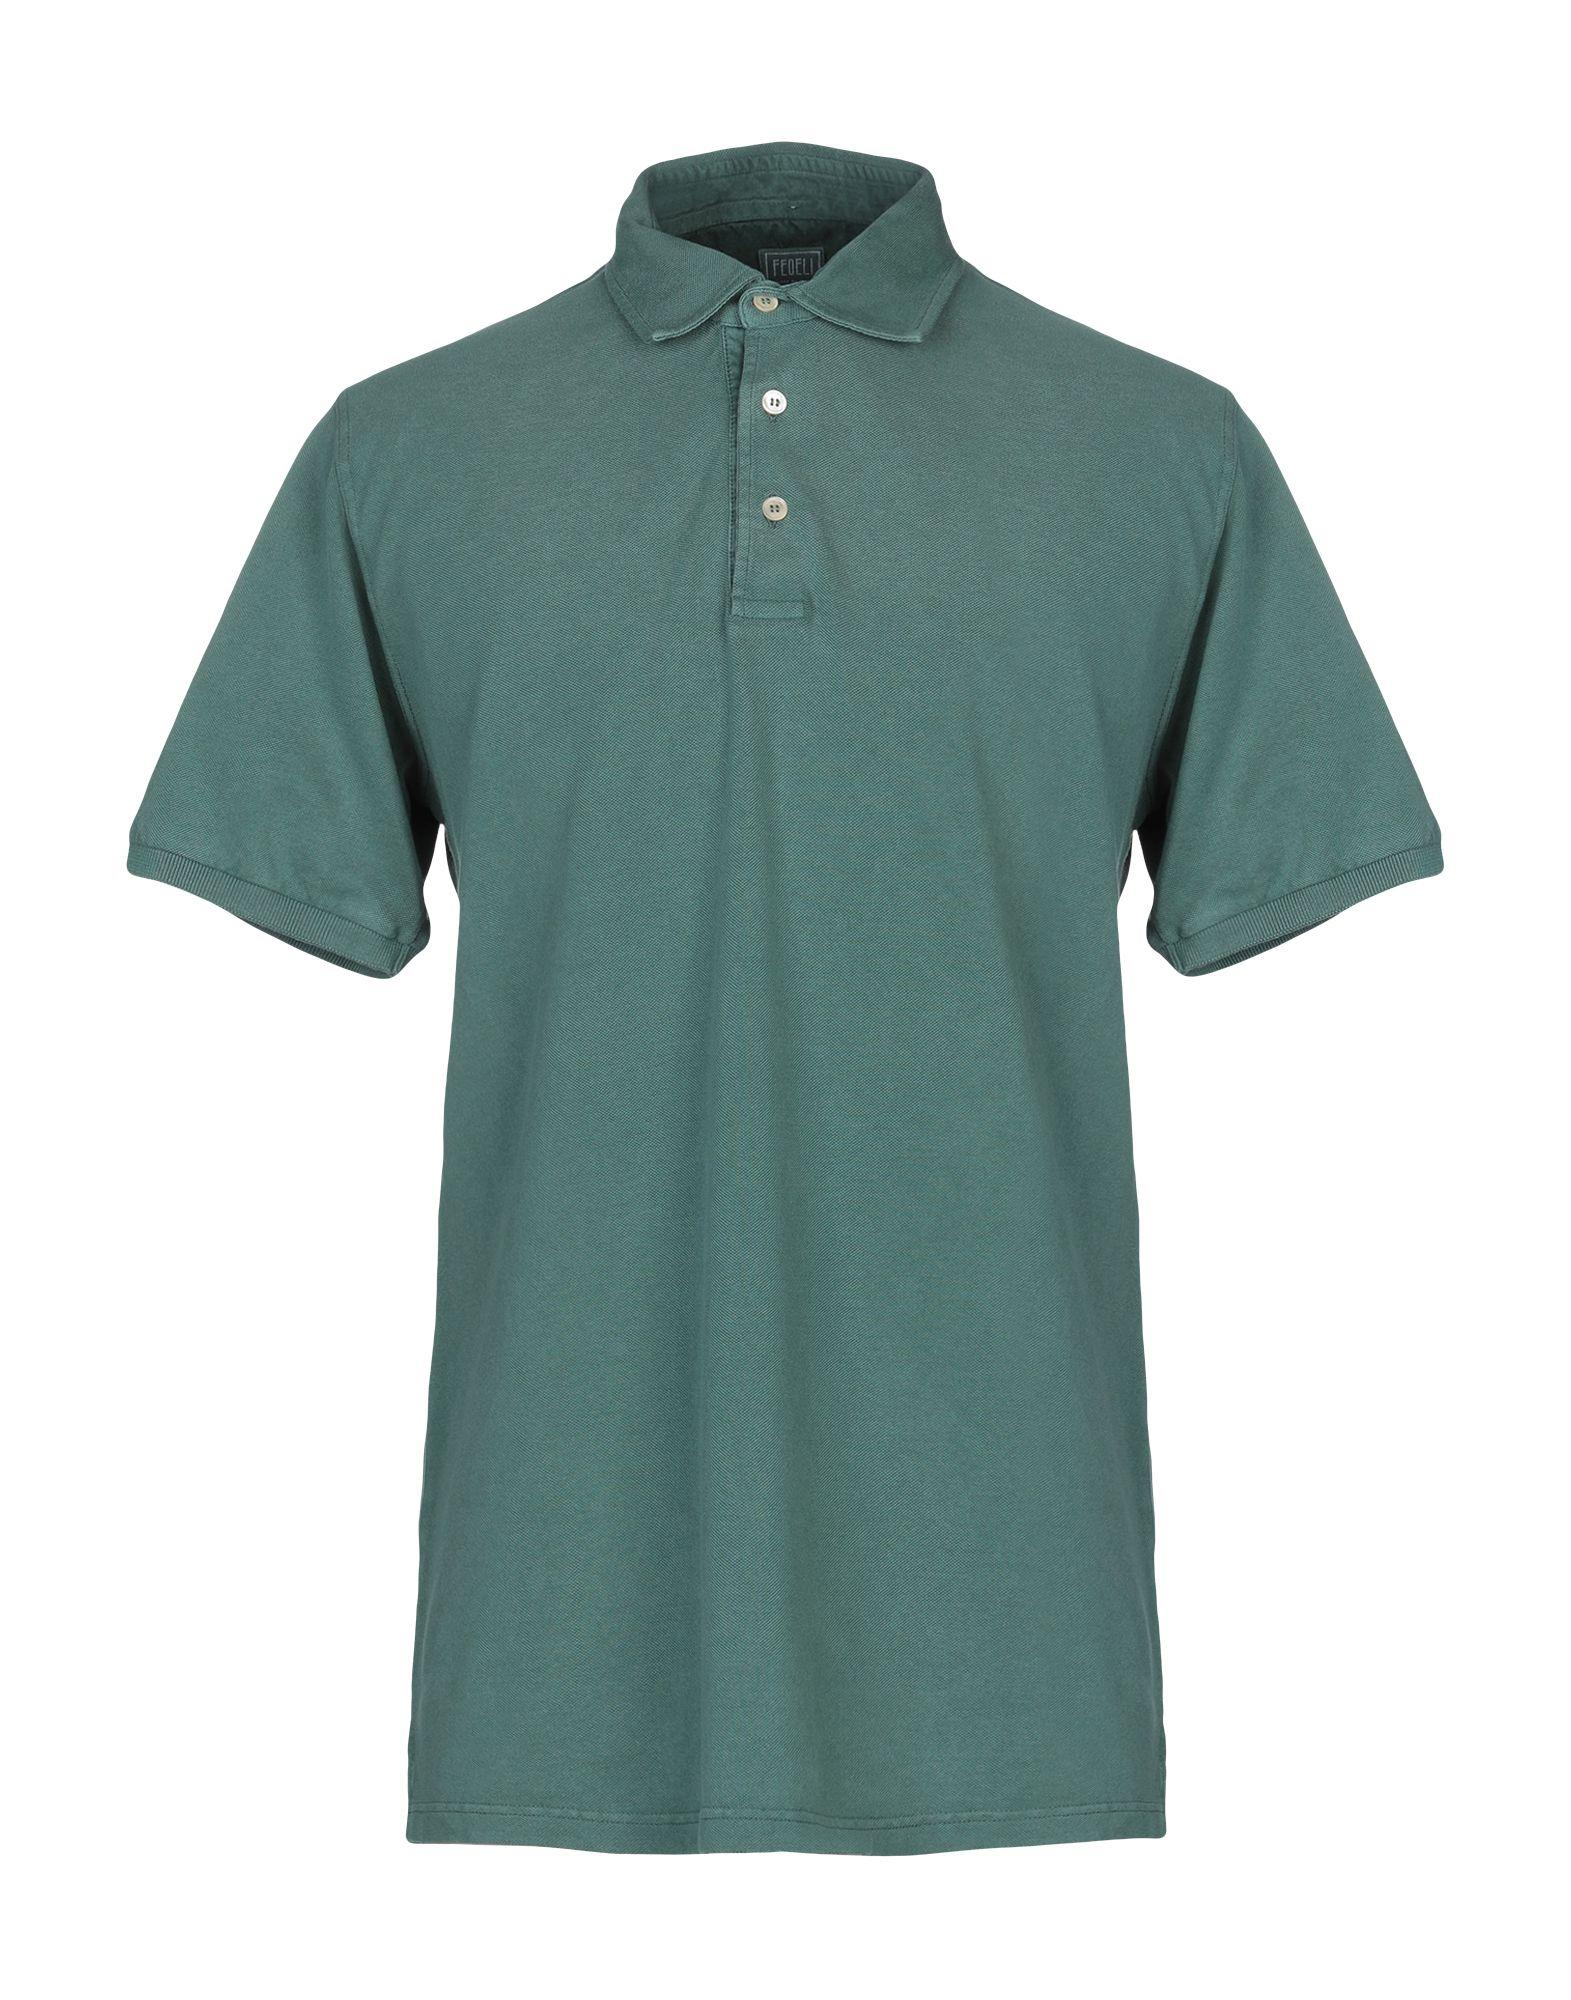 《送料無料》FEDELI メンズ ポロシャツ グリーン 54 コットン 100%